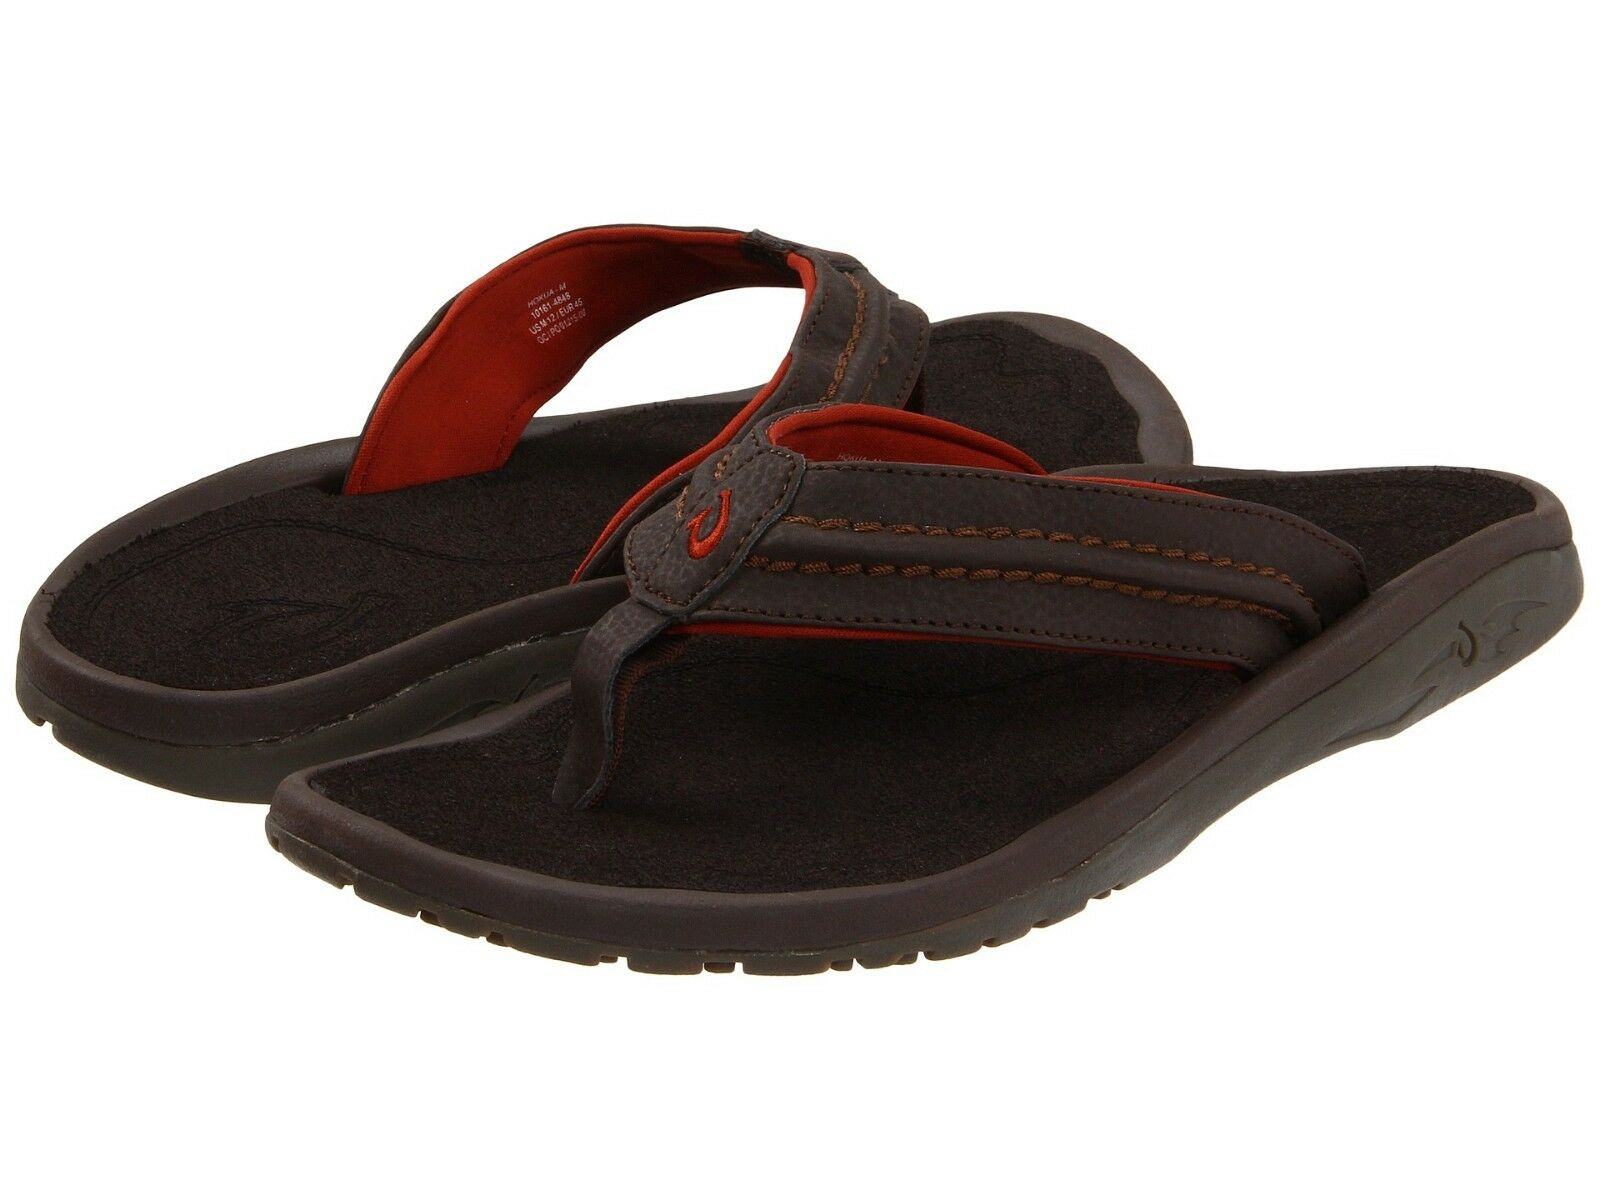 Chaussures Hommes OLUKAI Hokua Casual Sandales en cuir 10161-4848 Dark Java  NEUF